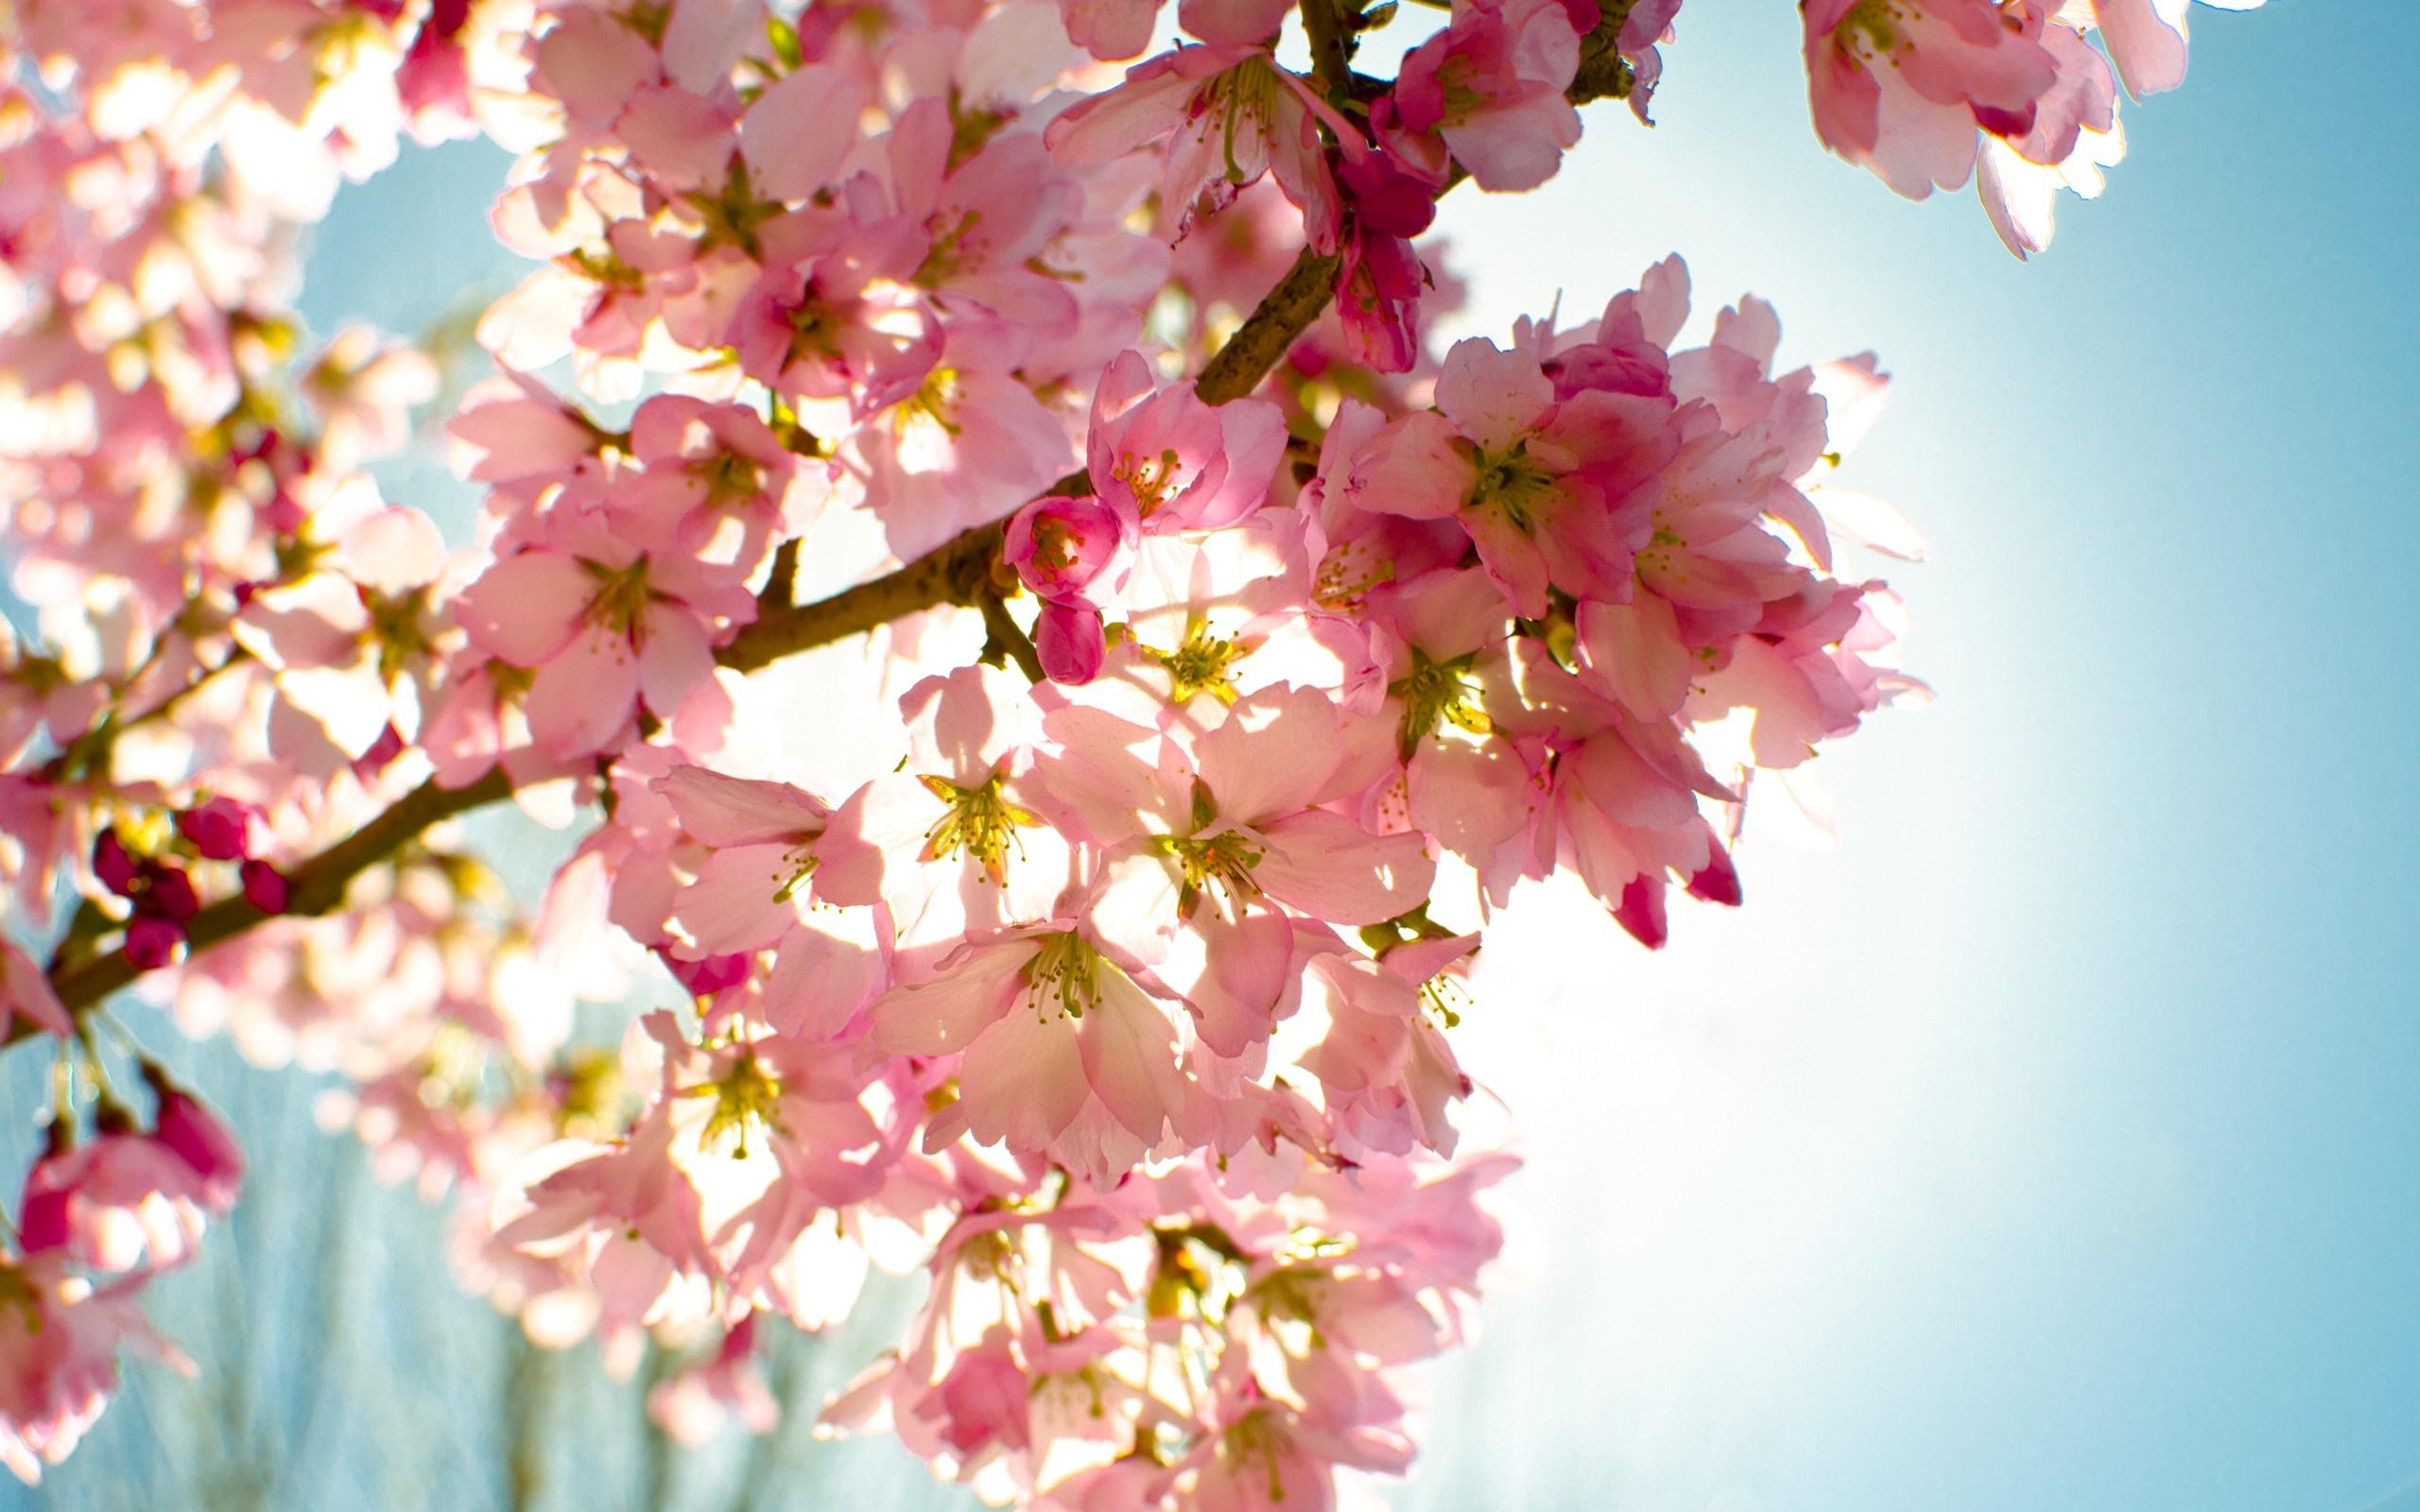 بالصور خلفيات ورود , اجمل صور الازهار الرائعه 989 4